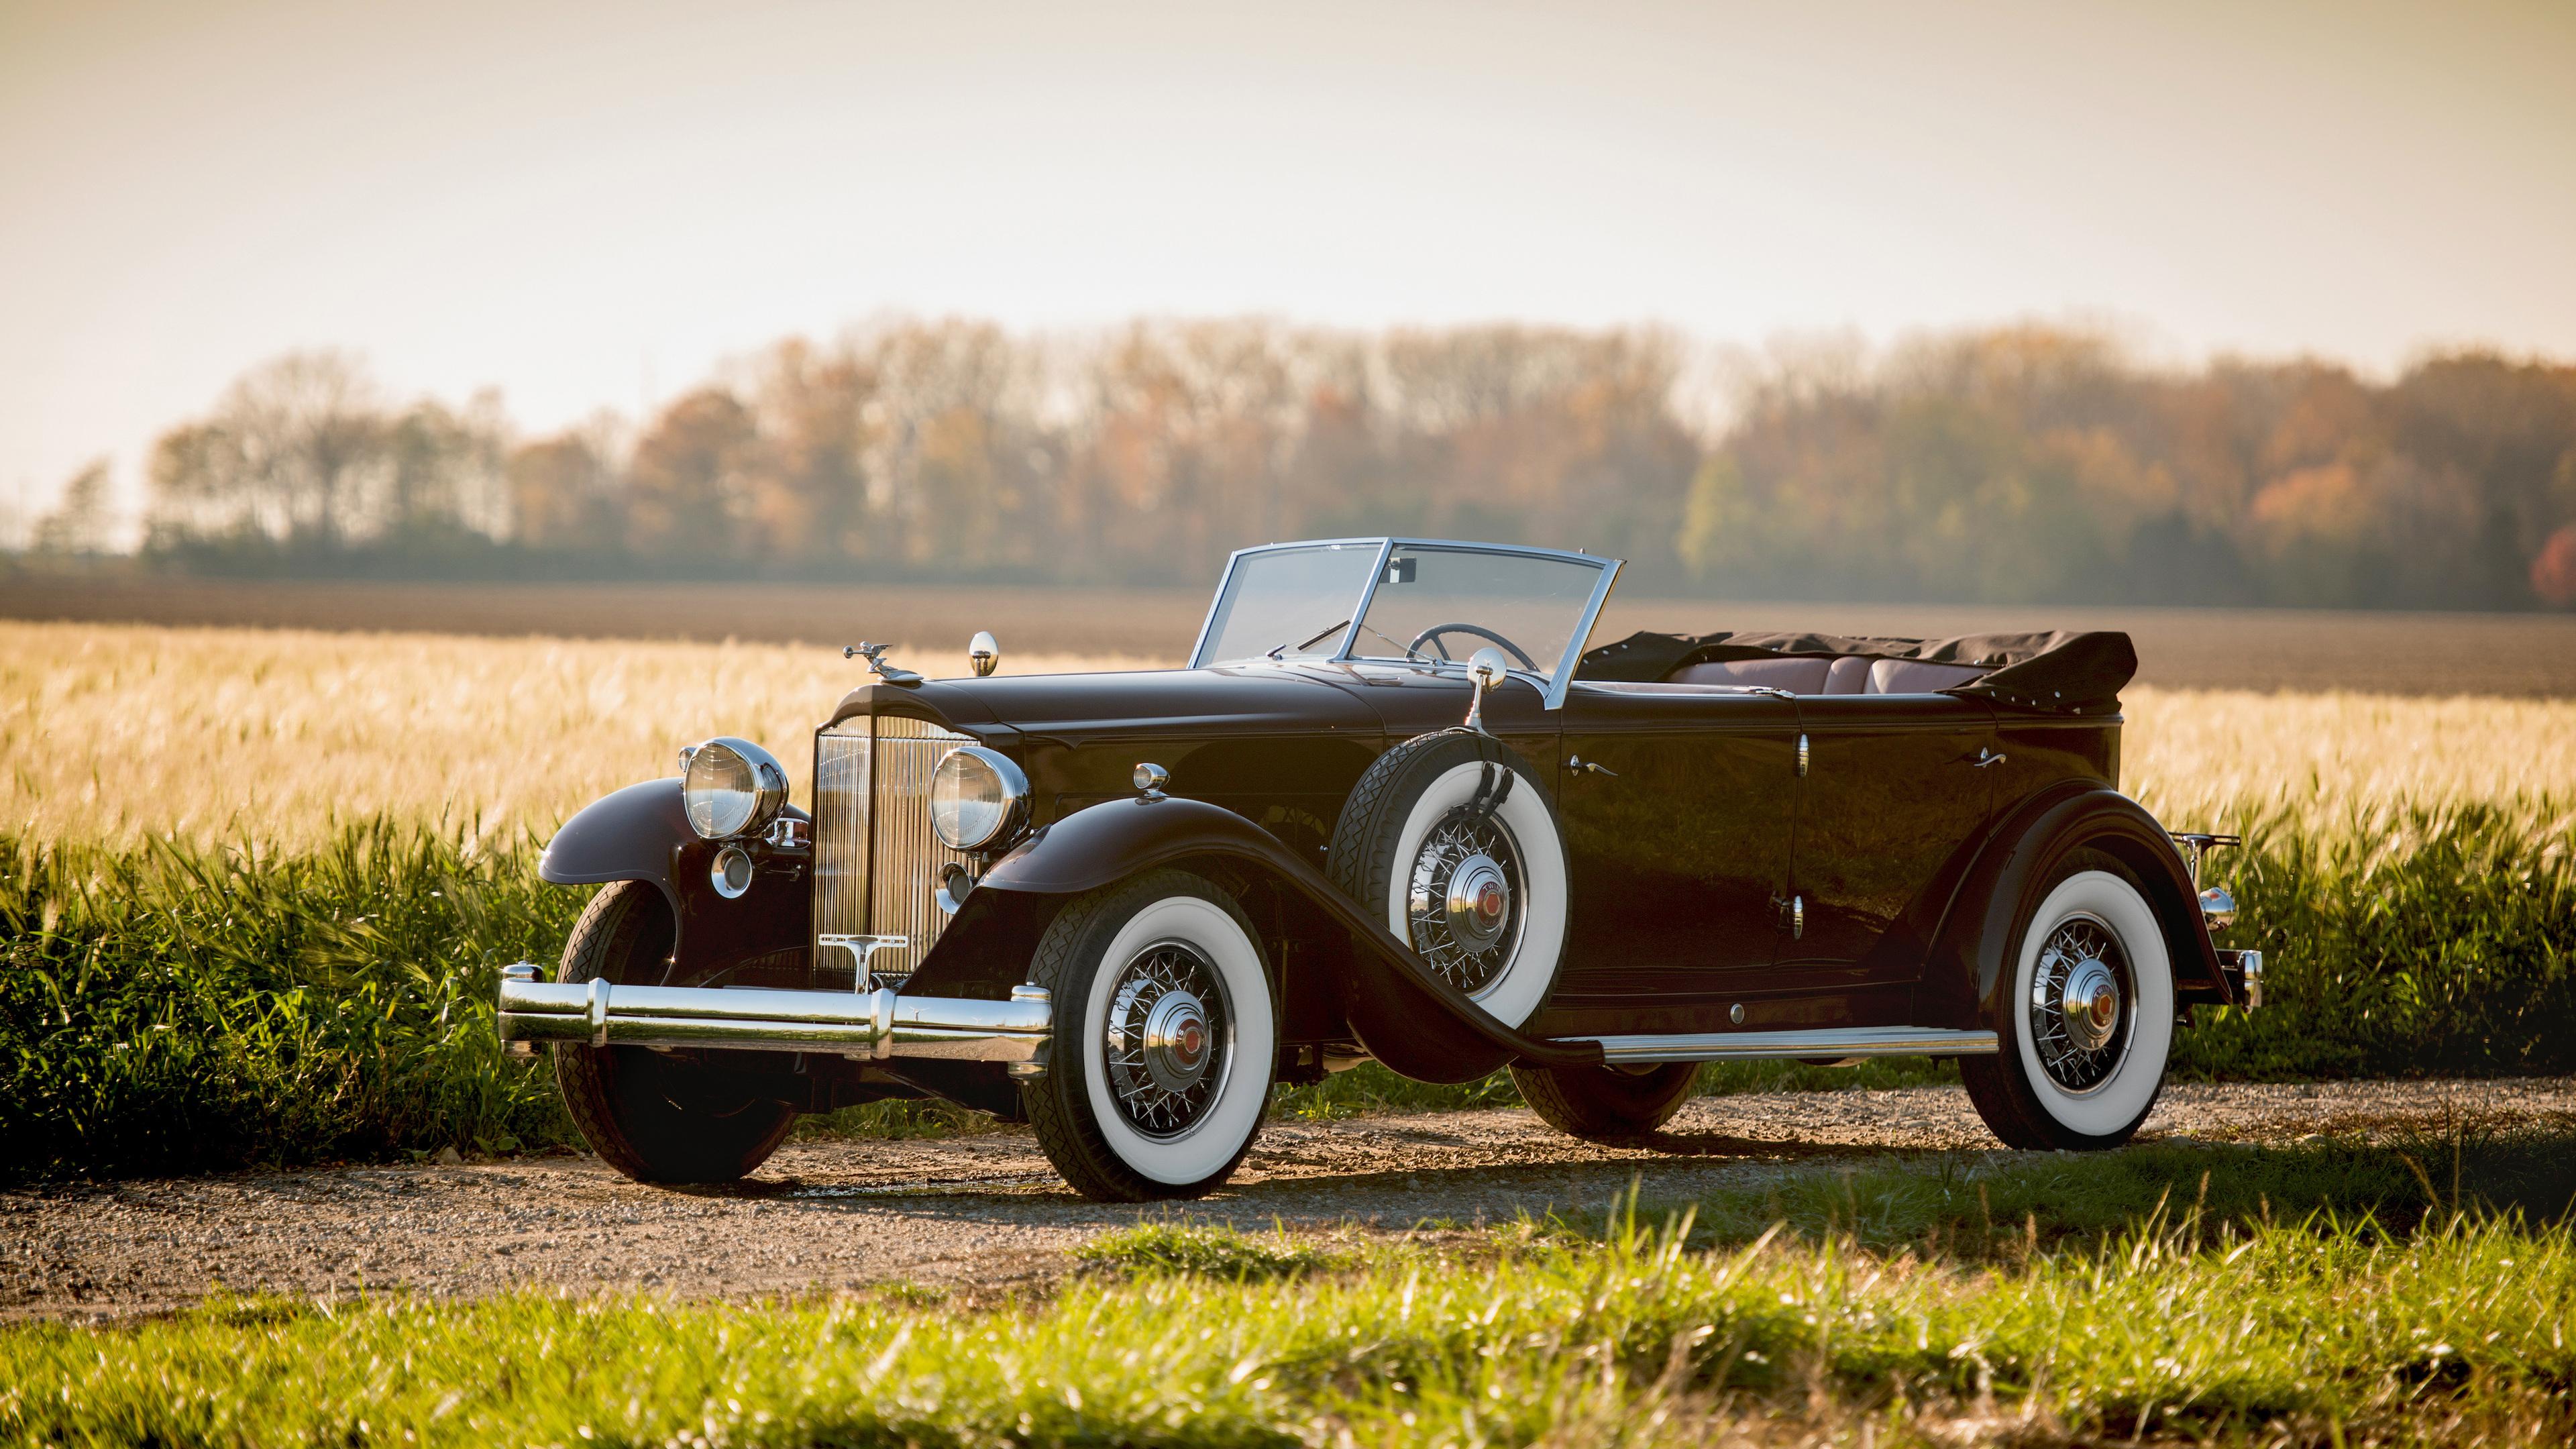 1932 packard twin six 4k 1539108025 - 1932 Packard Twin Six 4k - vintage cars wallpapers, hd-wallpapers, cars wallpapers, 4k-wallpapers